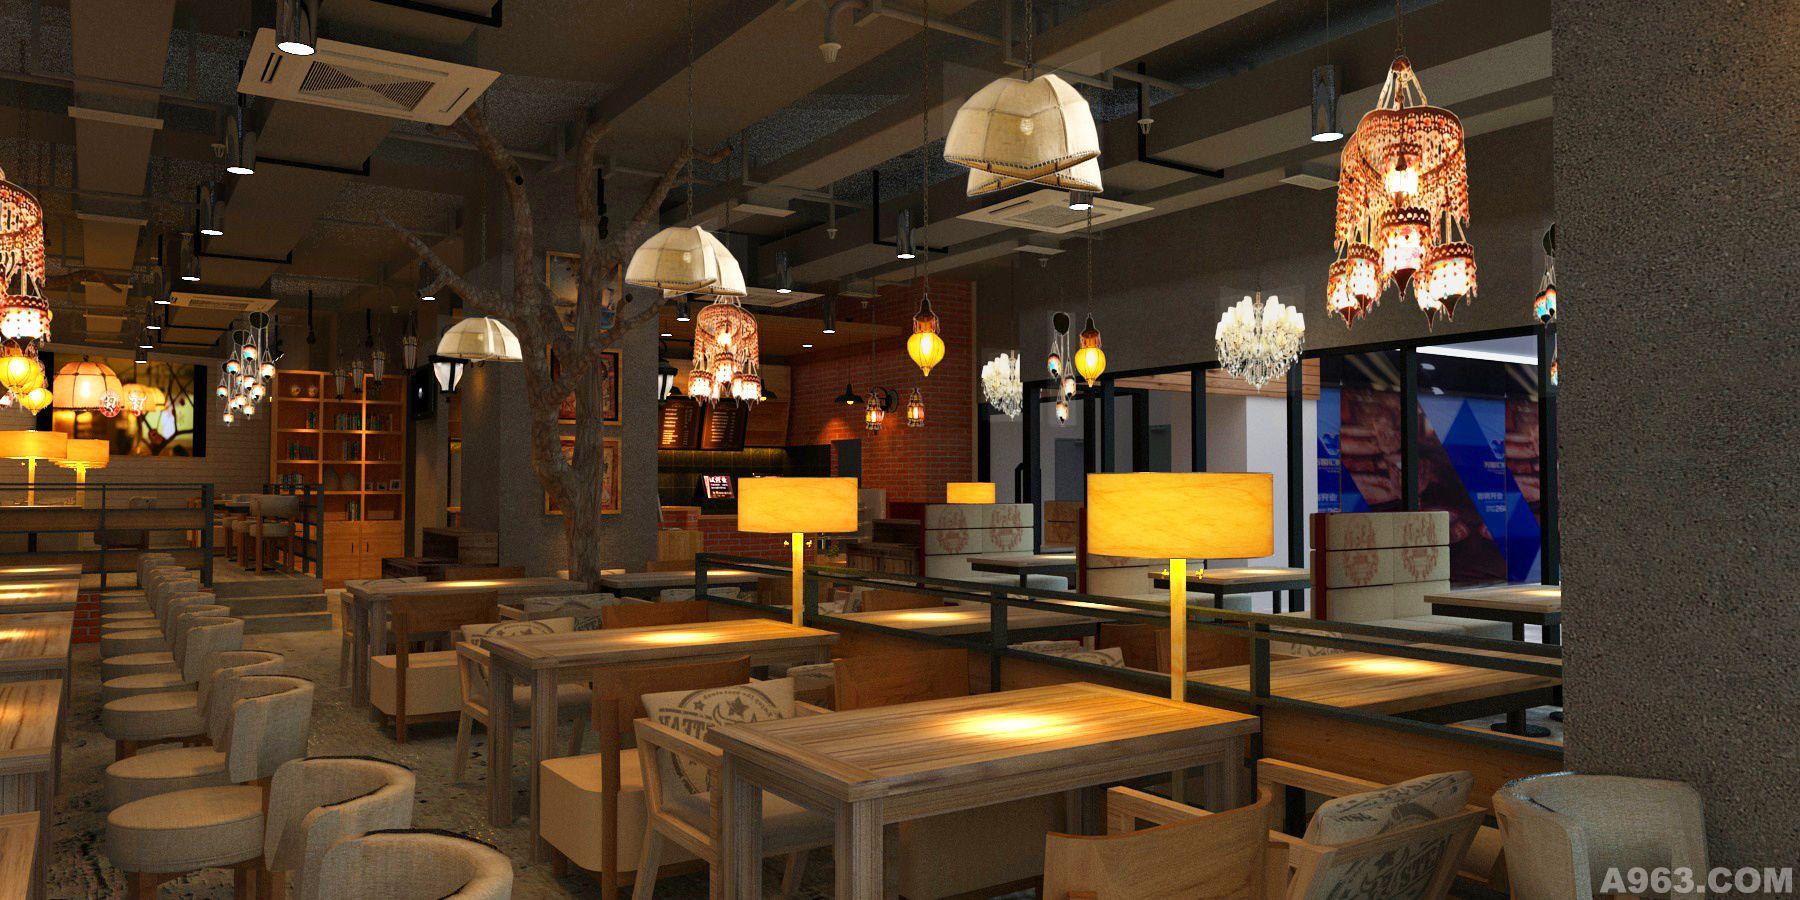 西餐厅施工图效果图设计